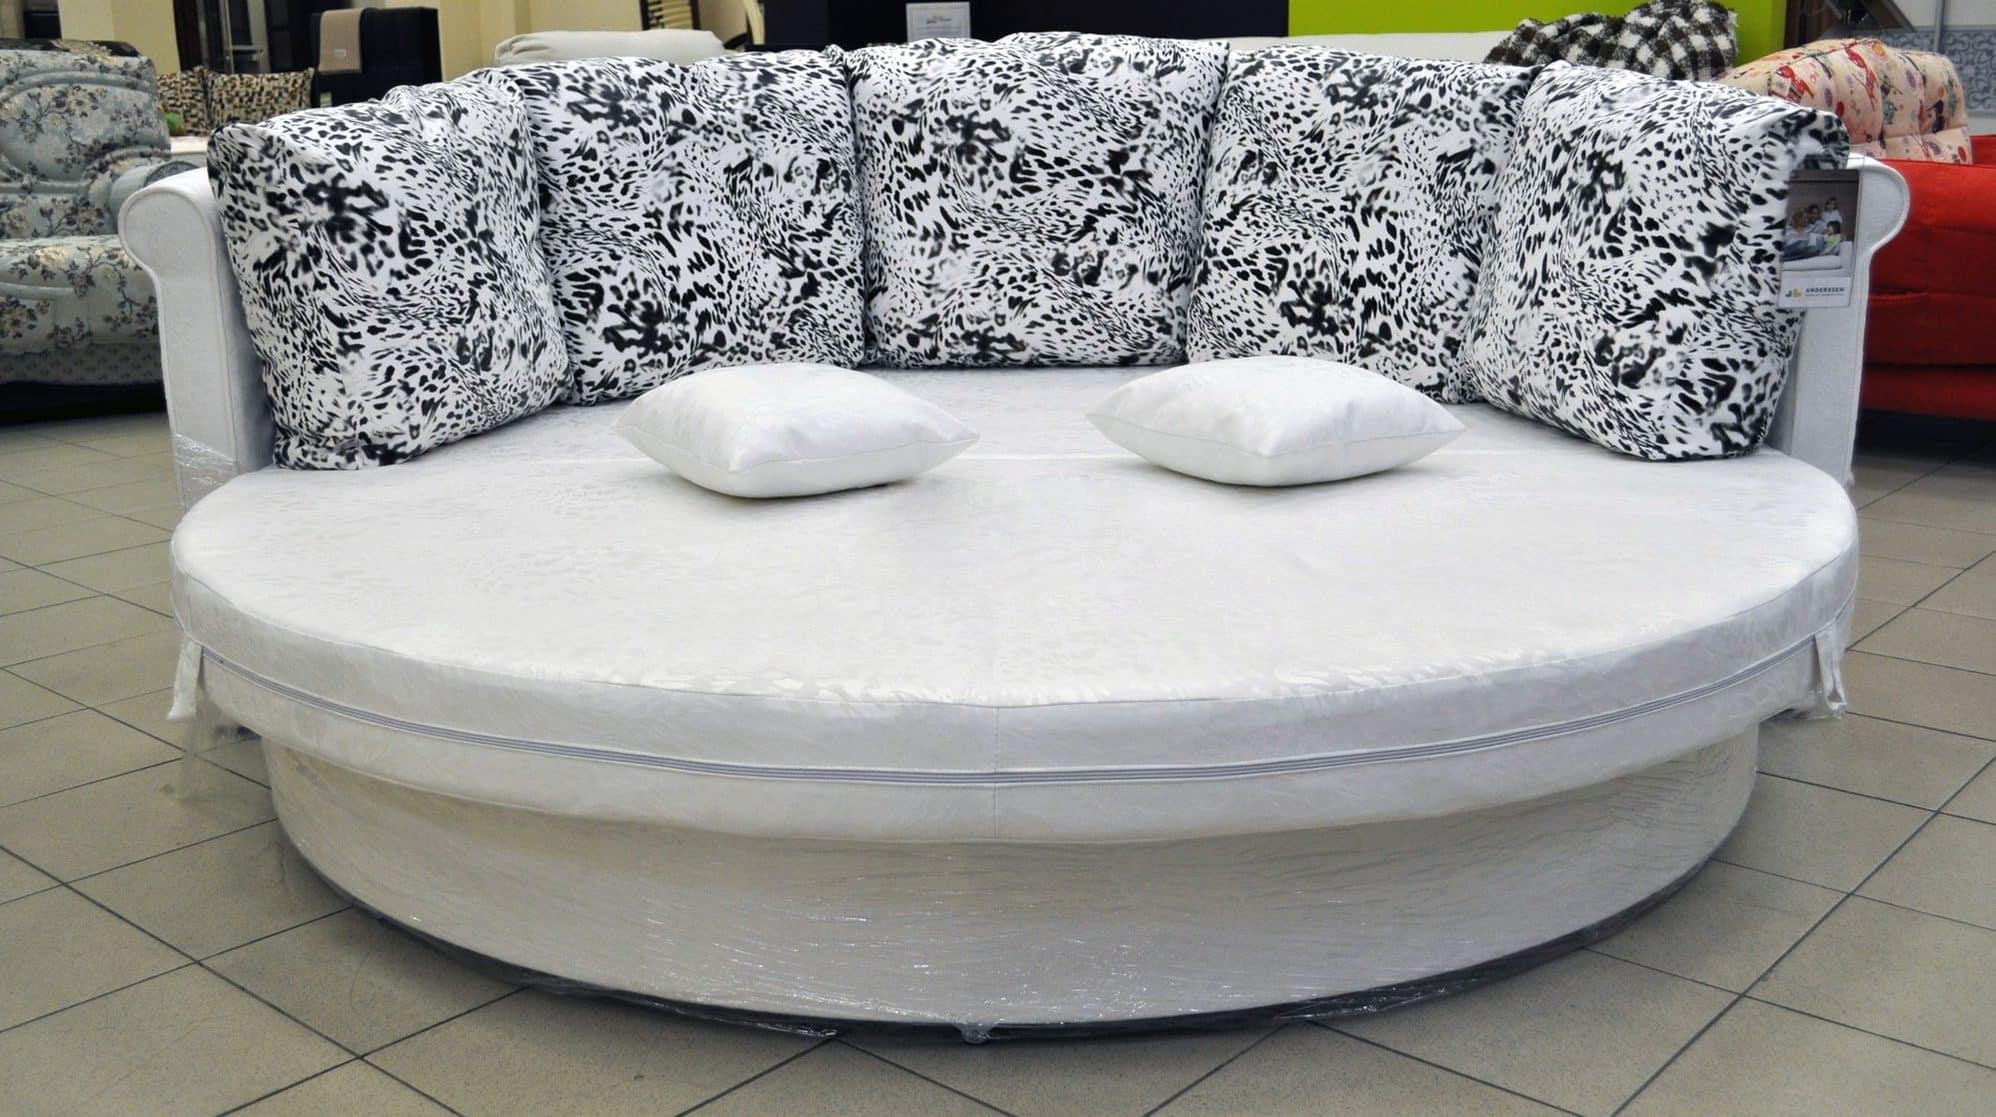 Как выбрать диван для ежедневного сна | Форма дивана | Диван круглой формы